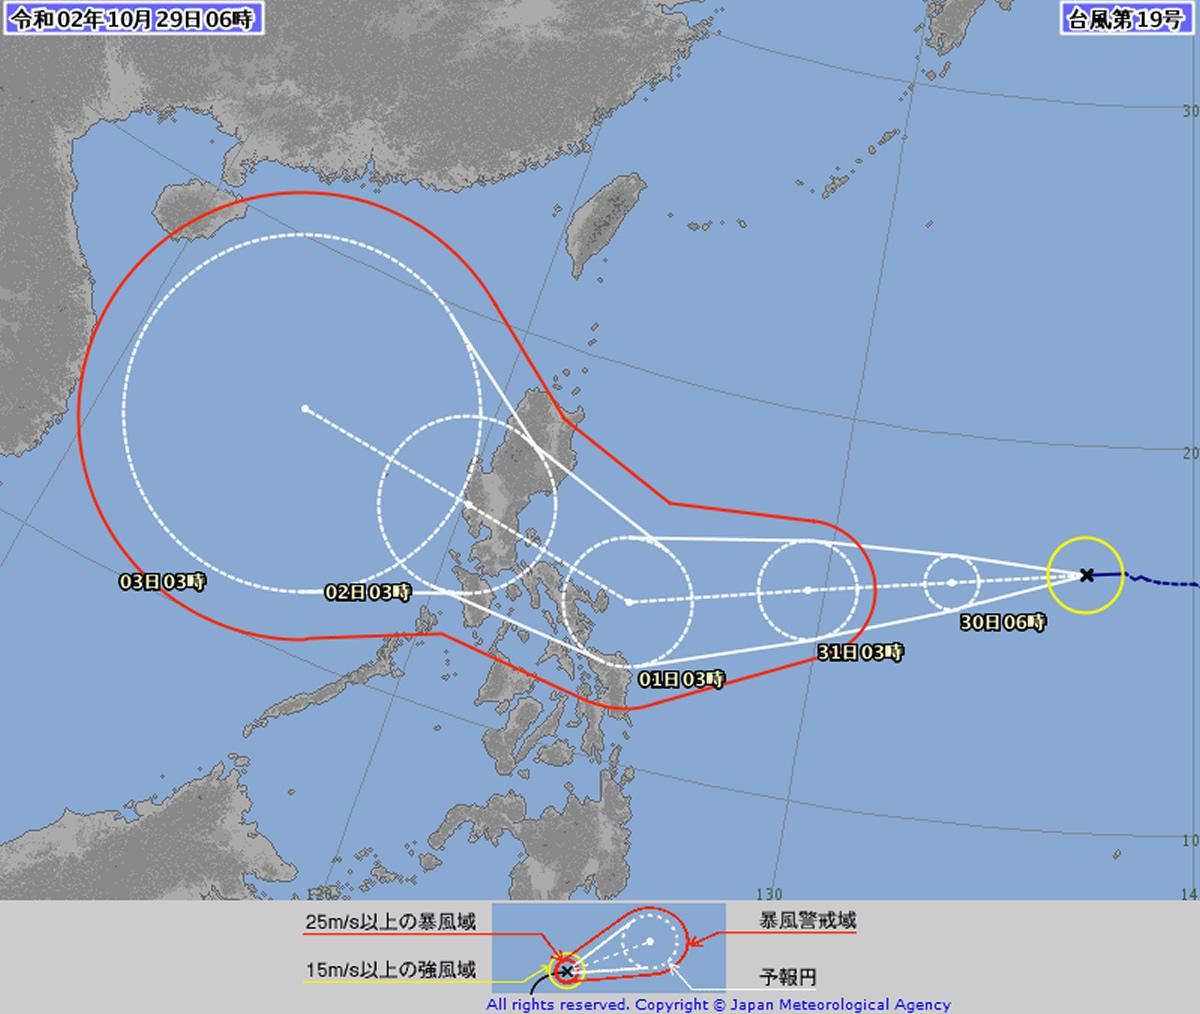 台風19号「コーニー」が発生、フィリピン東の海上から南シナ海へ